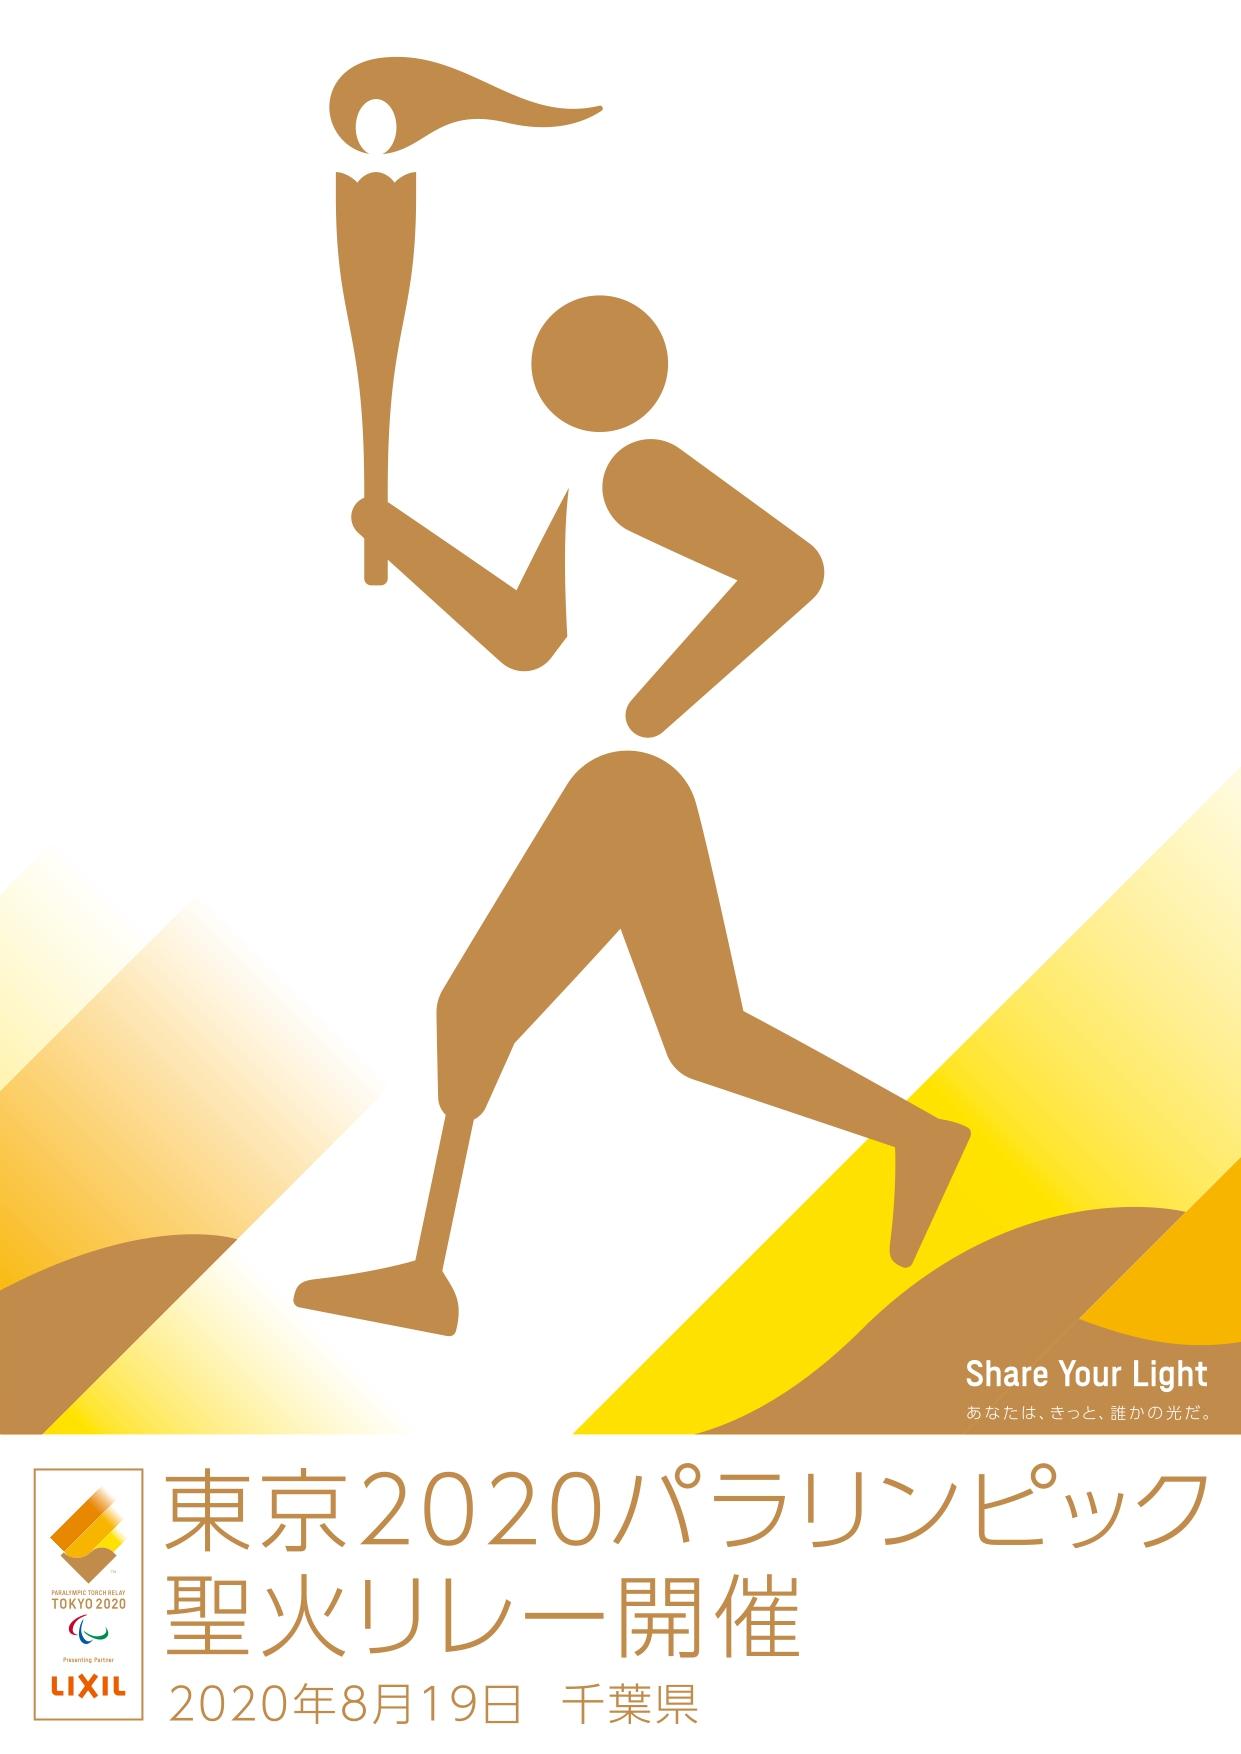 「千葉県パラリンピック聖火ランナーの募集」